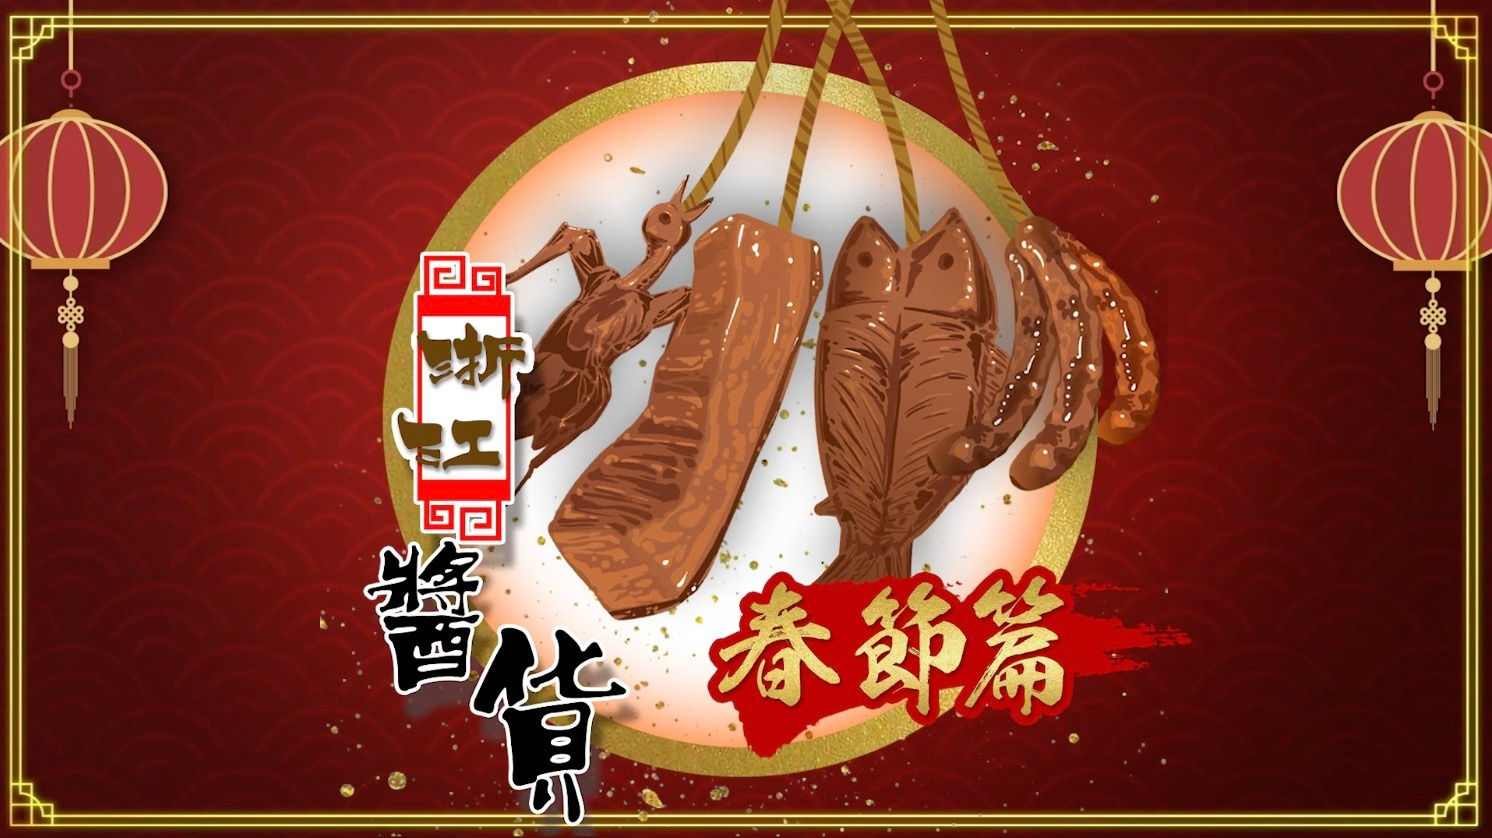 100種味道·新年篇|浙江人的年味 從這盤油亮亮的醬貨開始